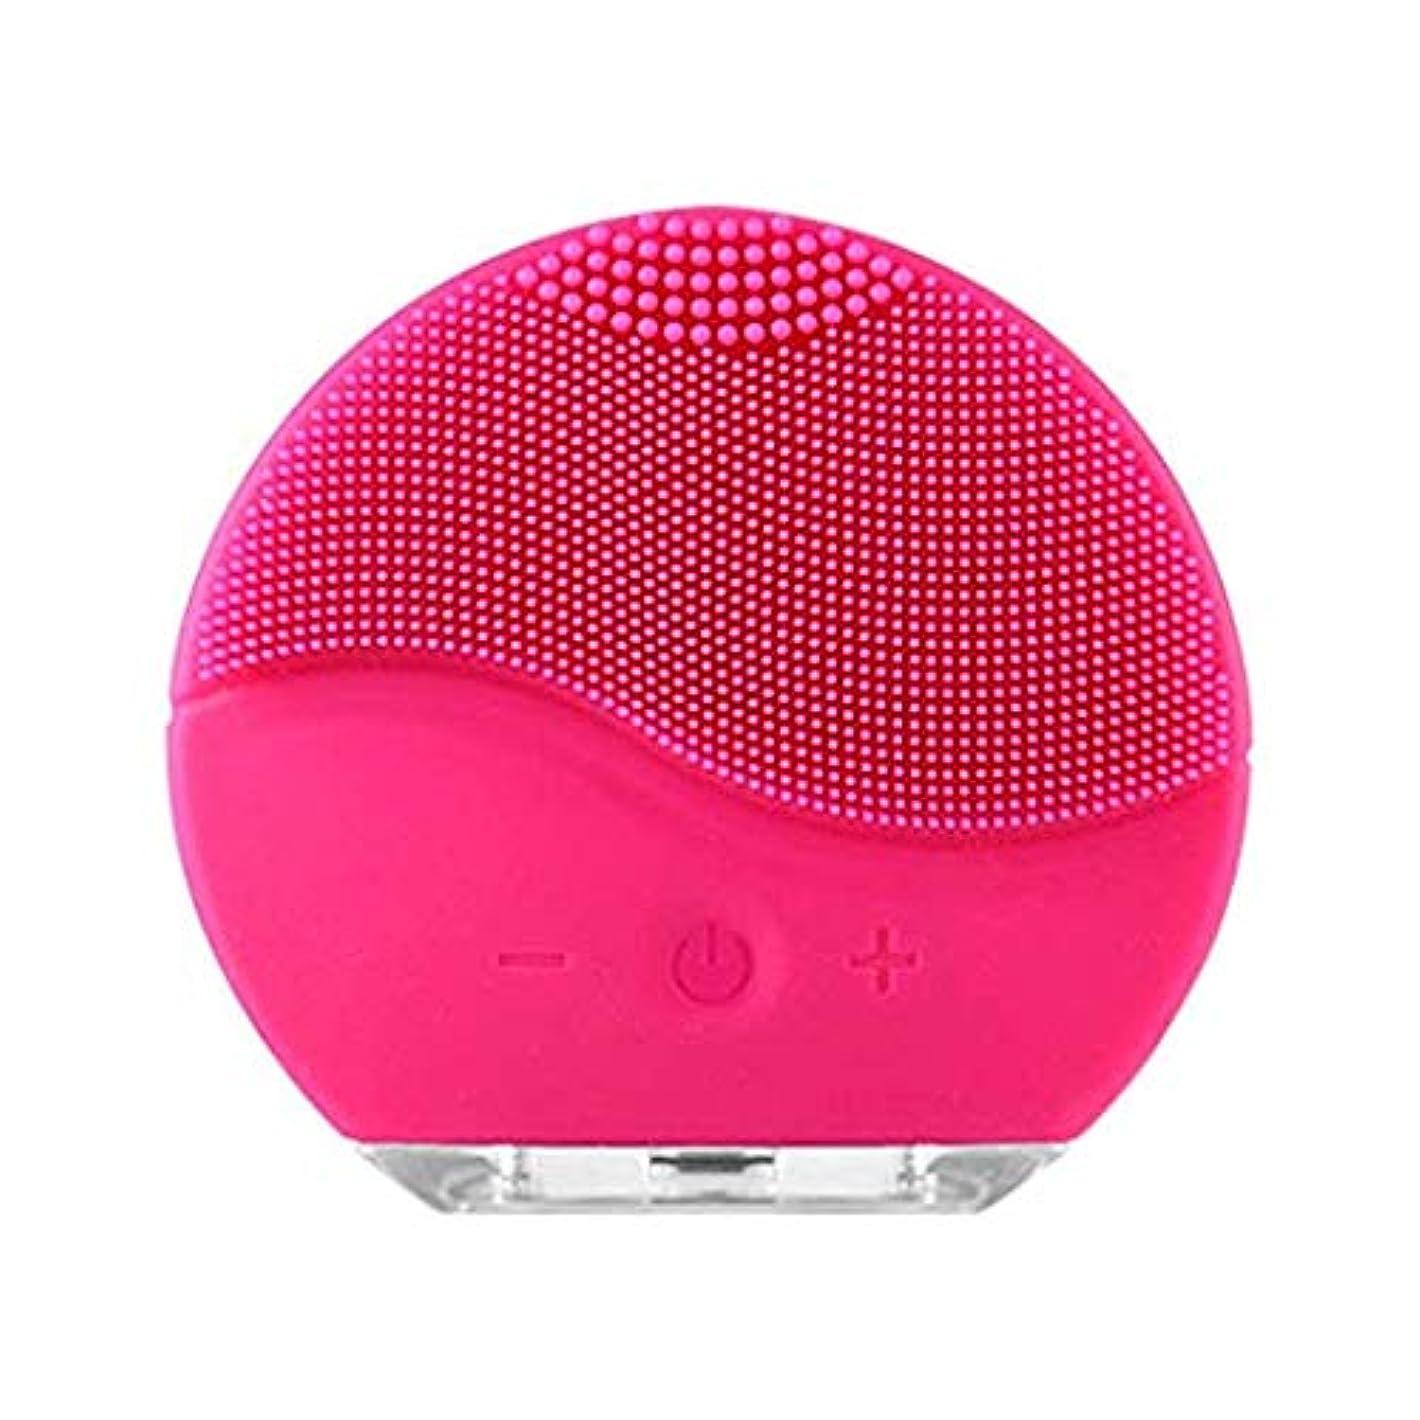 戻る強いますタワー流花洗顔ブラシ、防水洗顔機、ディープクレンジングスキンケアフェイスマッサージ用電動クレンジングシステム,Red